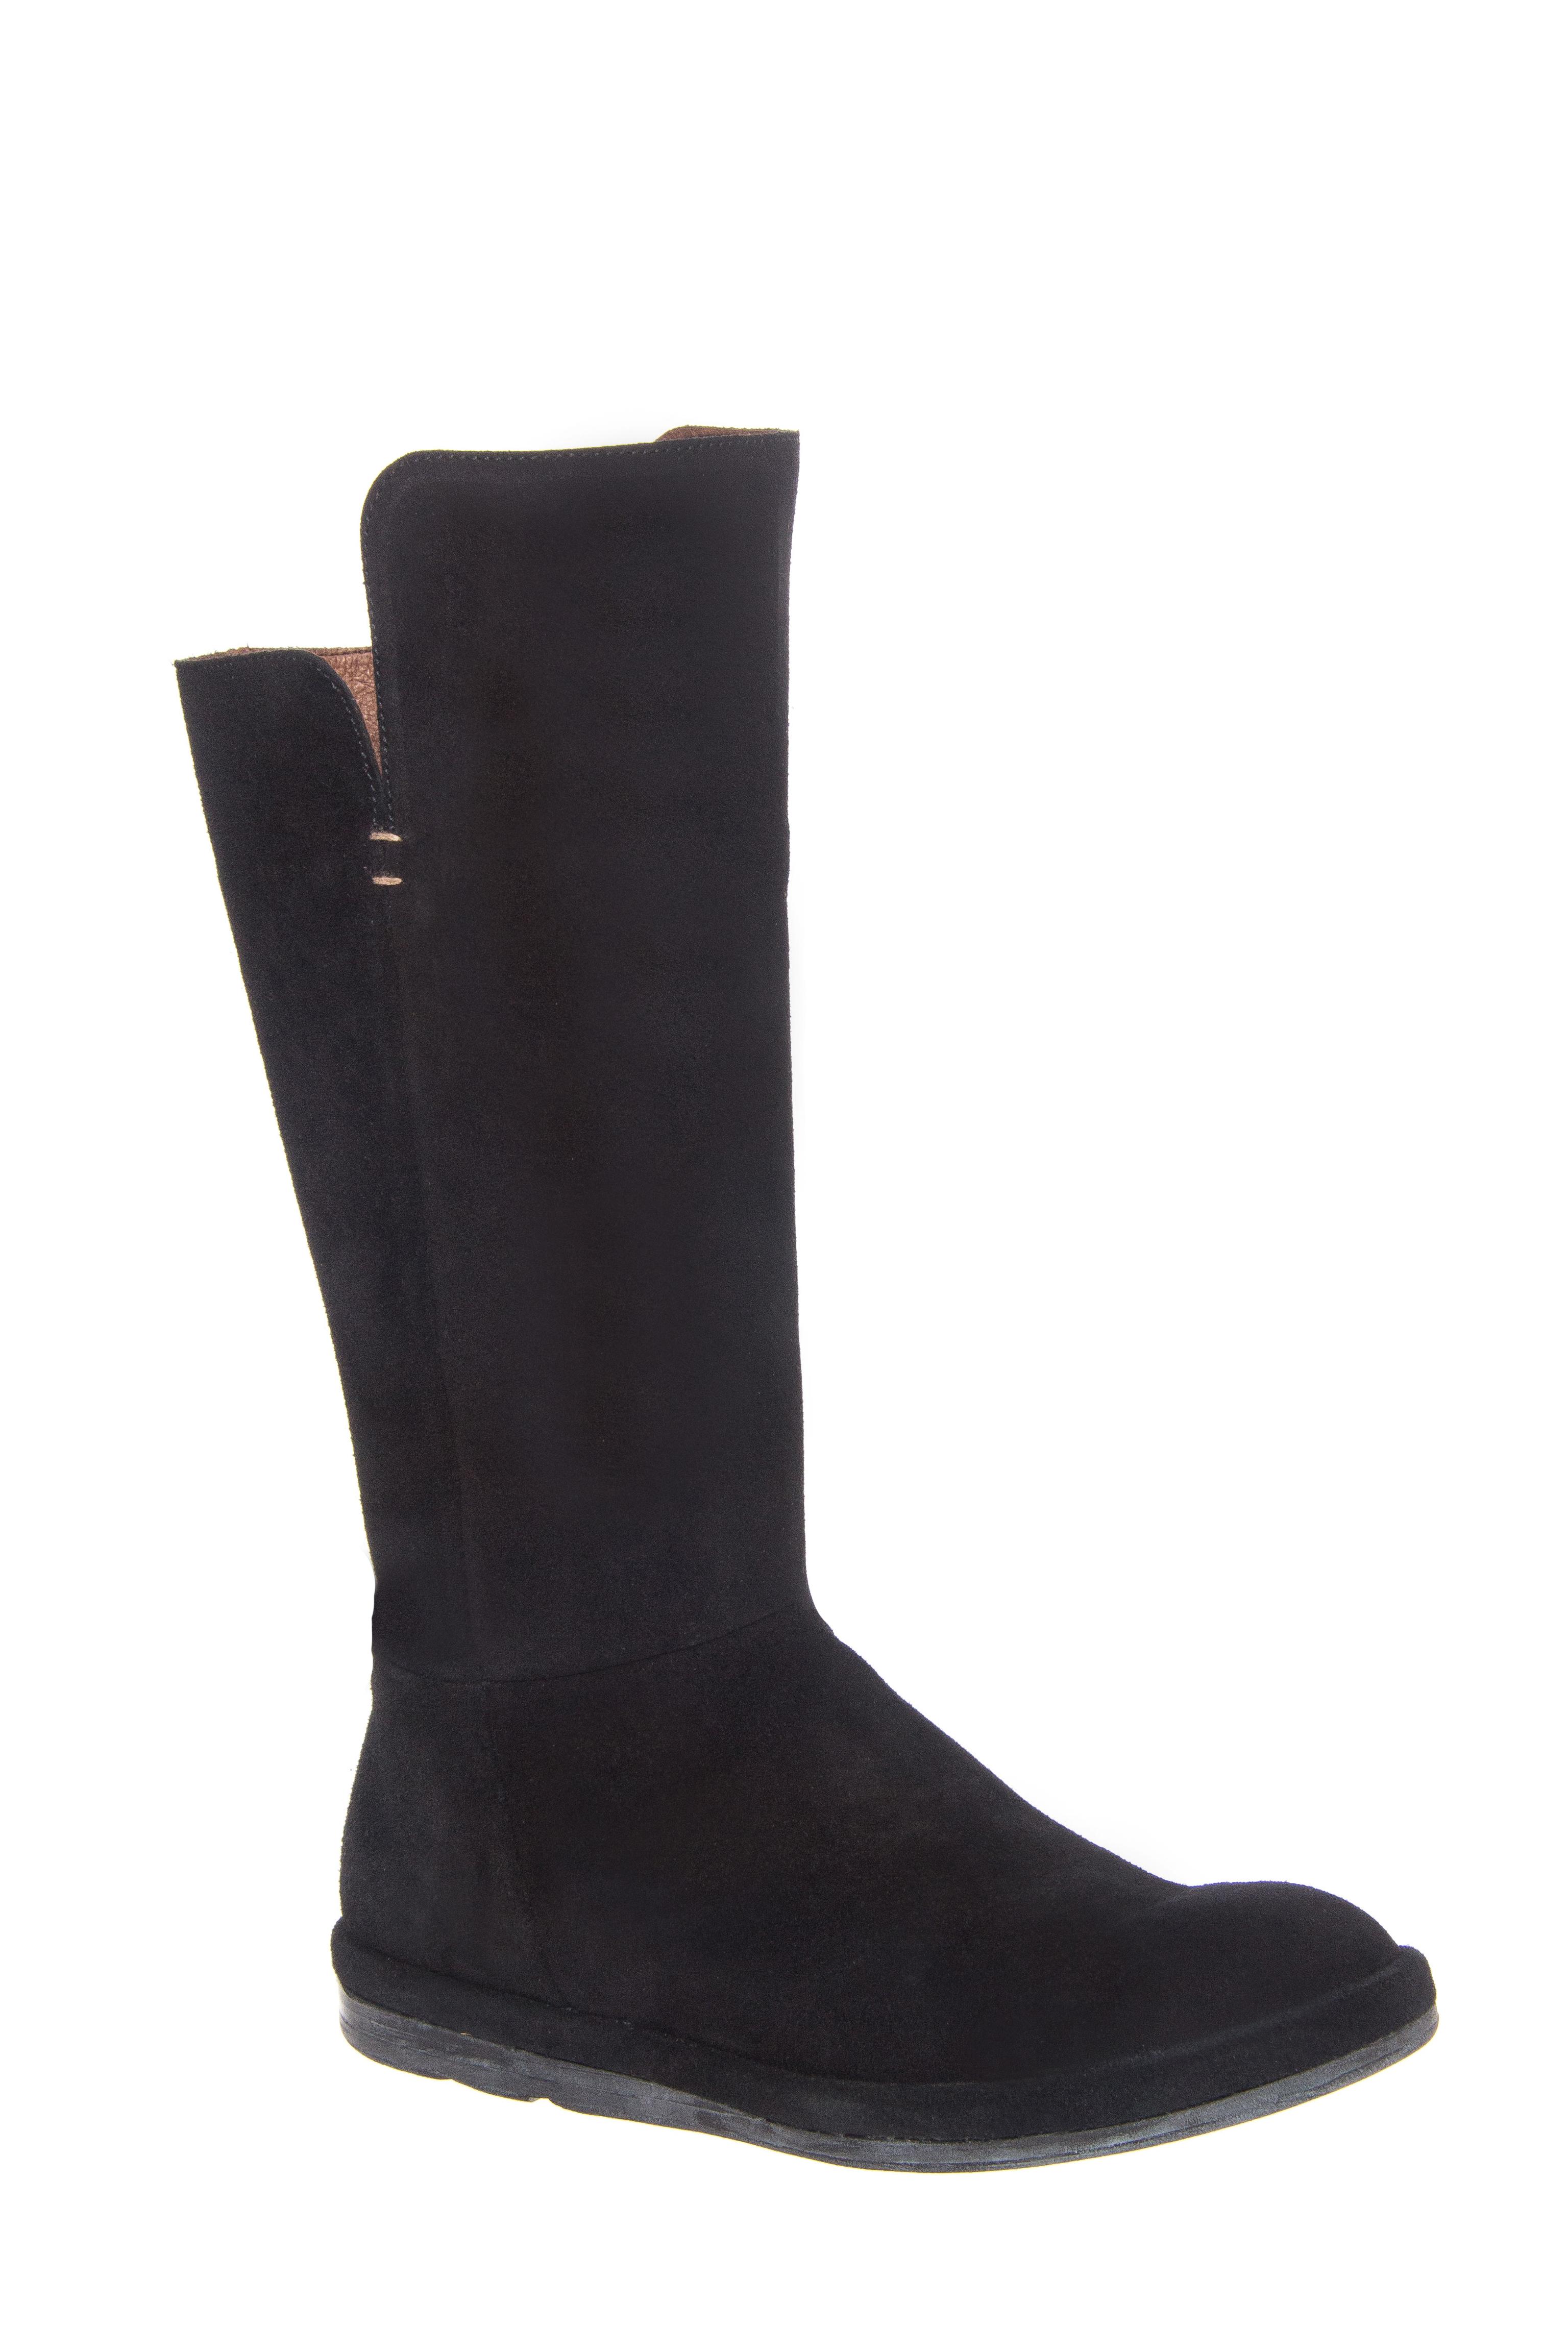 Eric Michael Ella Mid Calf Flats Boots - Black